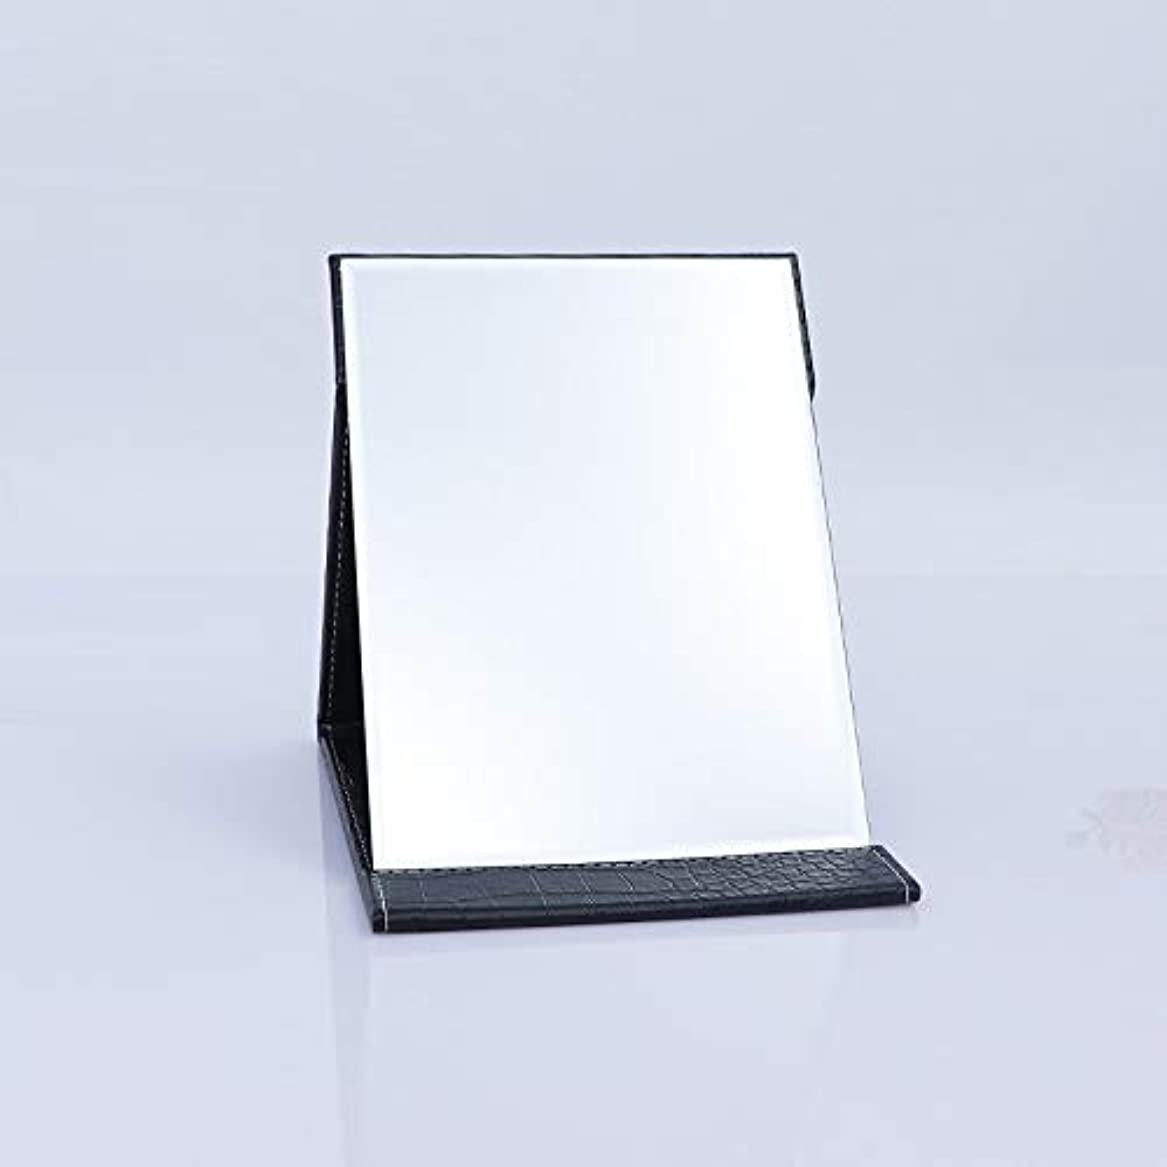 雲ハリケーン調整するTakelablaze 化粧鏡 折立ミラー 卓上スタンドミラー 折りたたみミラー PUレザー ブラック